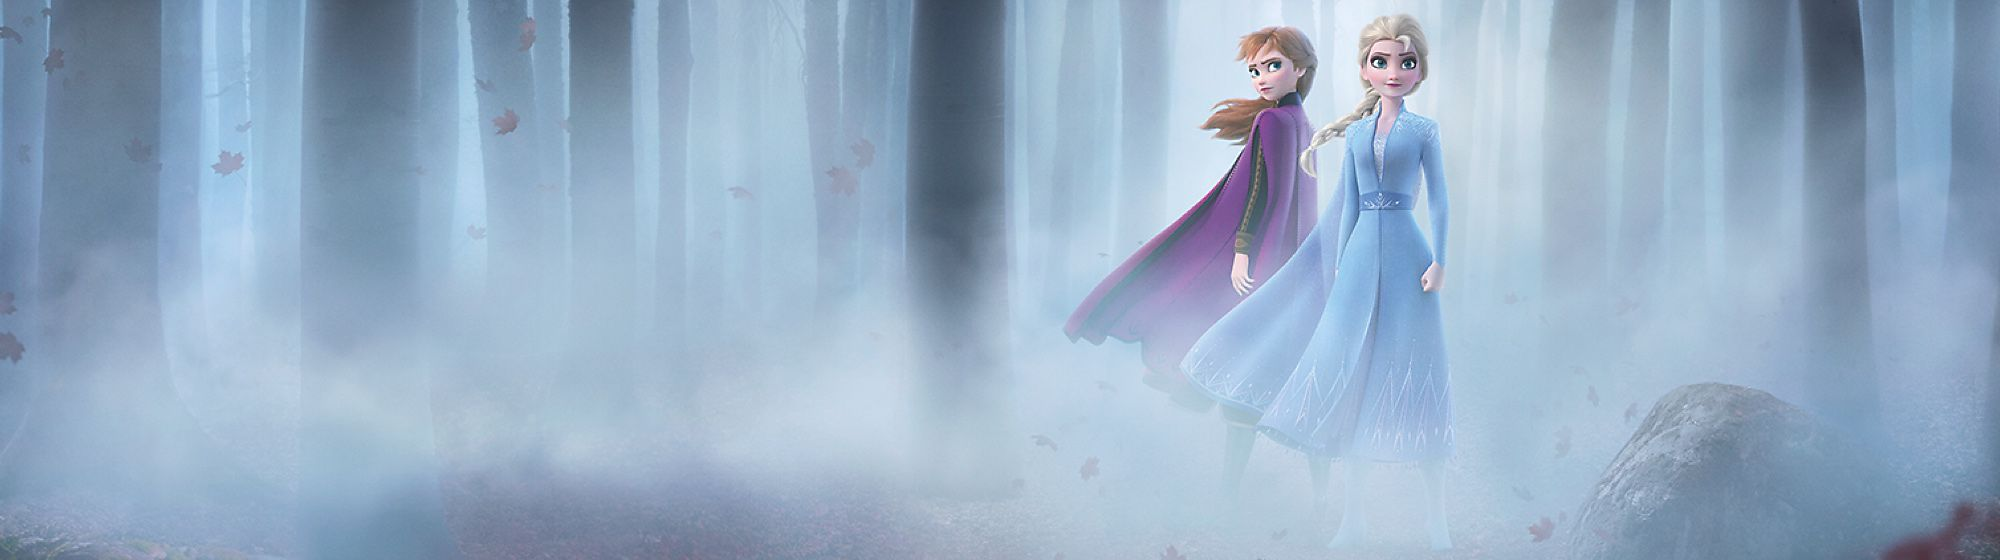 I nuovi prodotti di Frozen 2 saranno presto disponibili